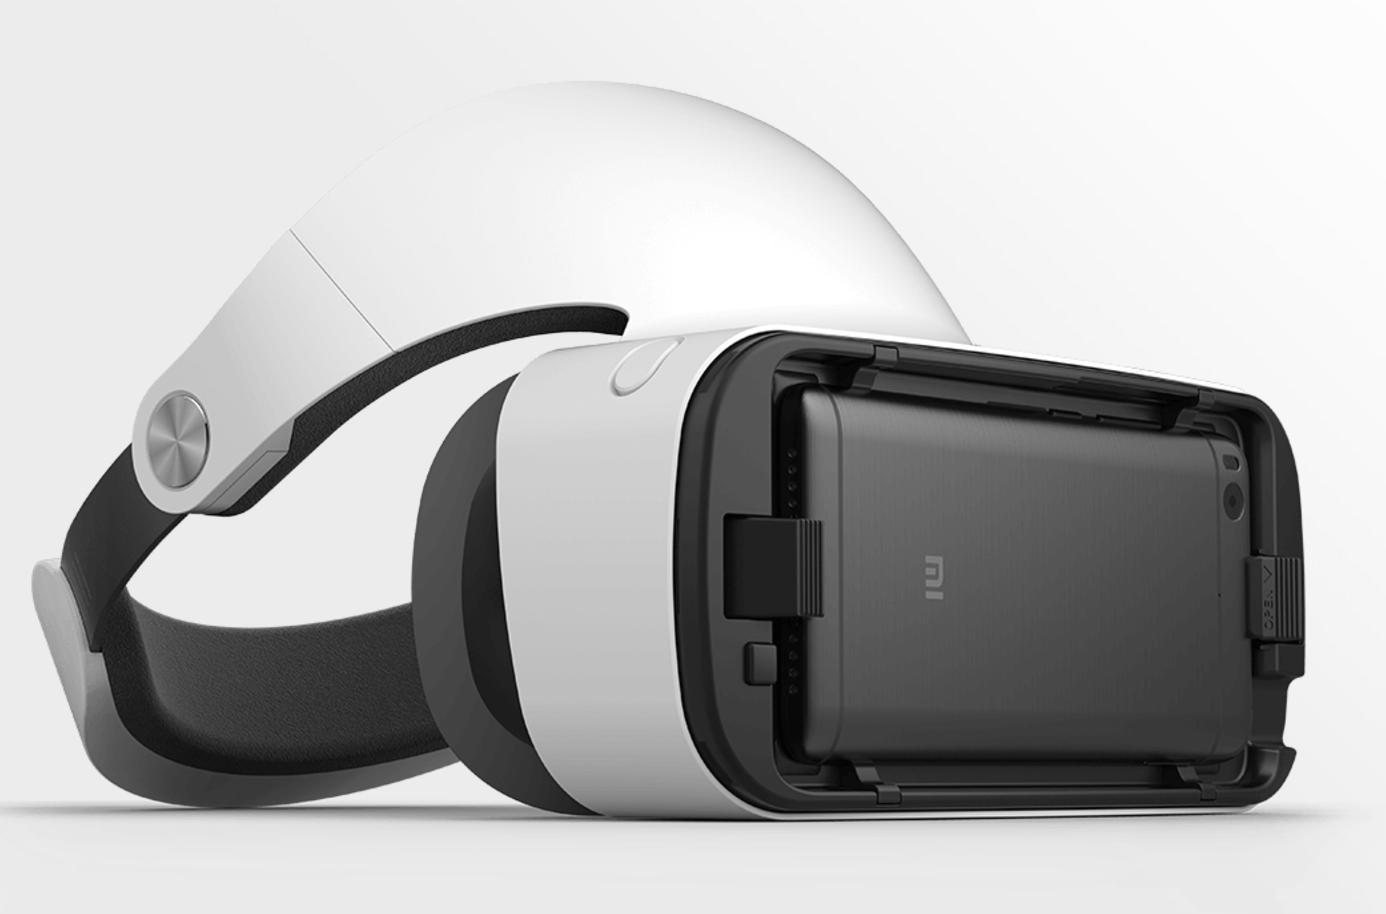 Xiaomi Mi Mix и Mi VR — безрамочная виртуальная реальность - 17